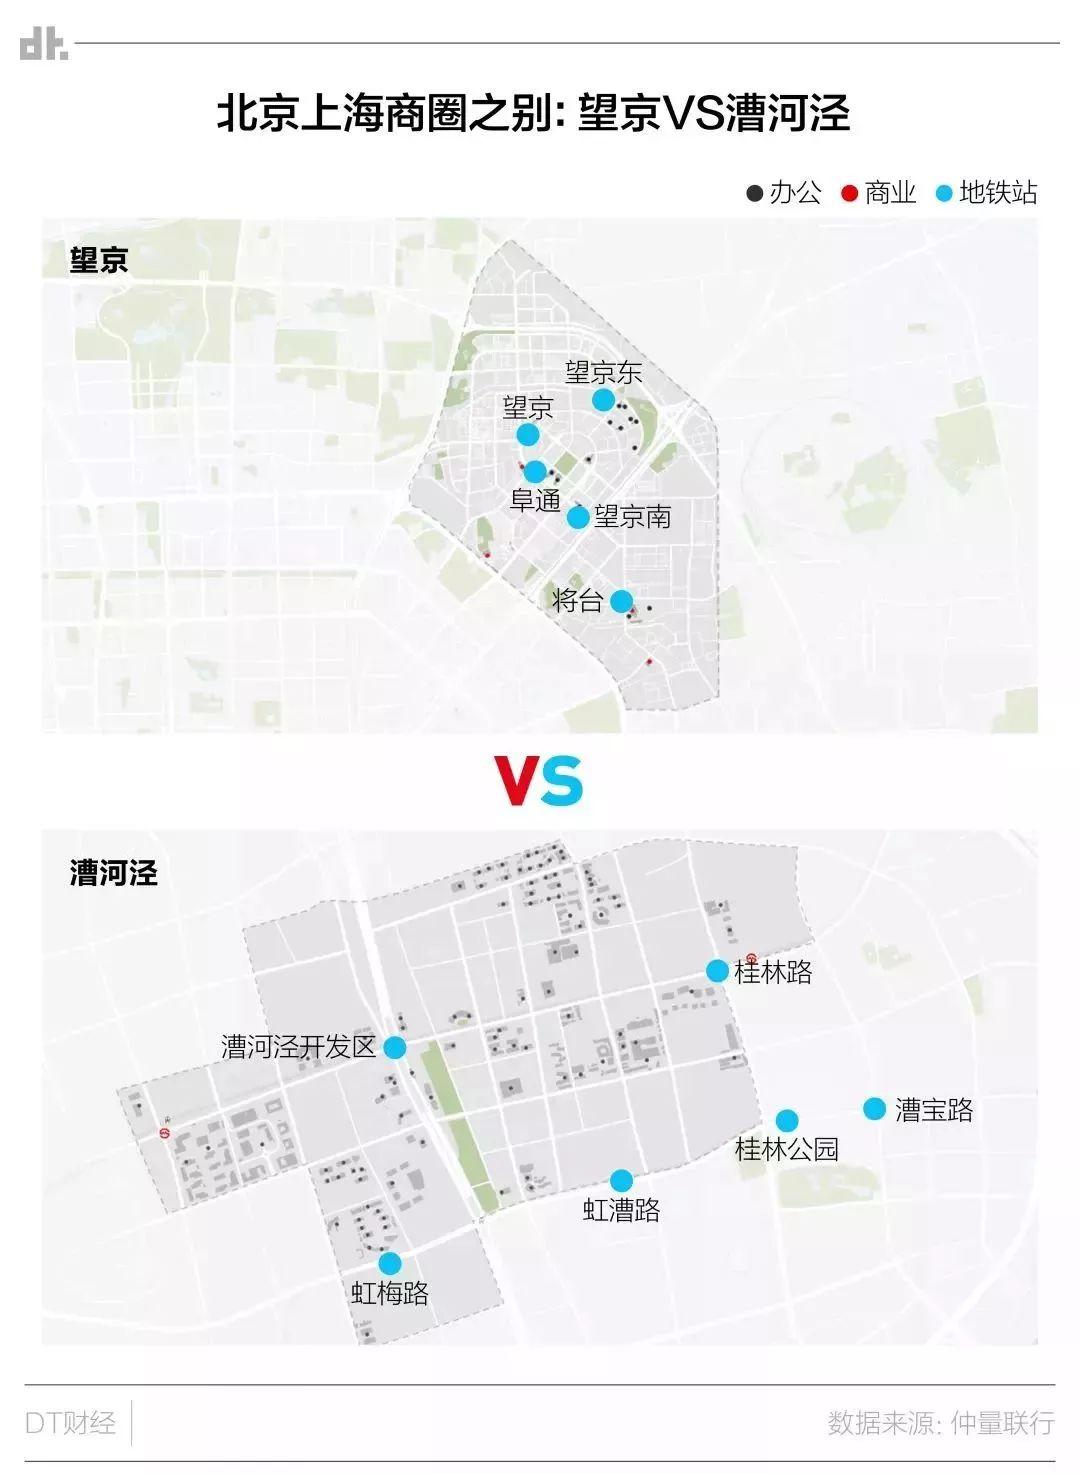 北京和上海金融人的最新鄙视链